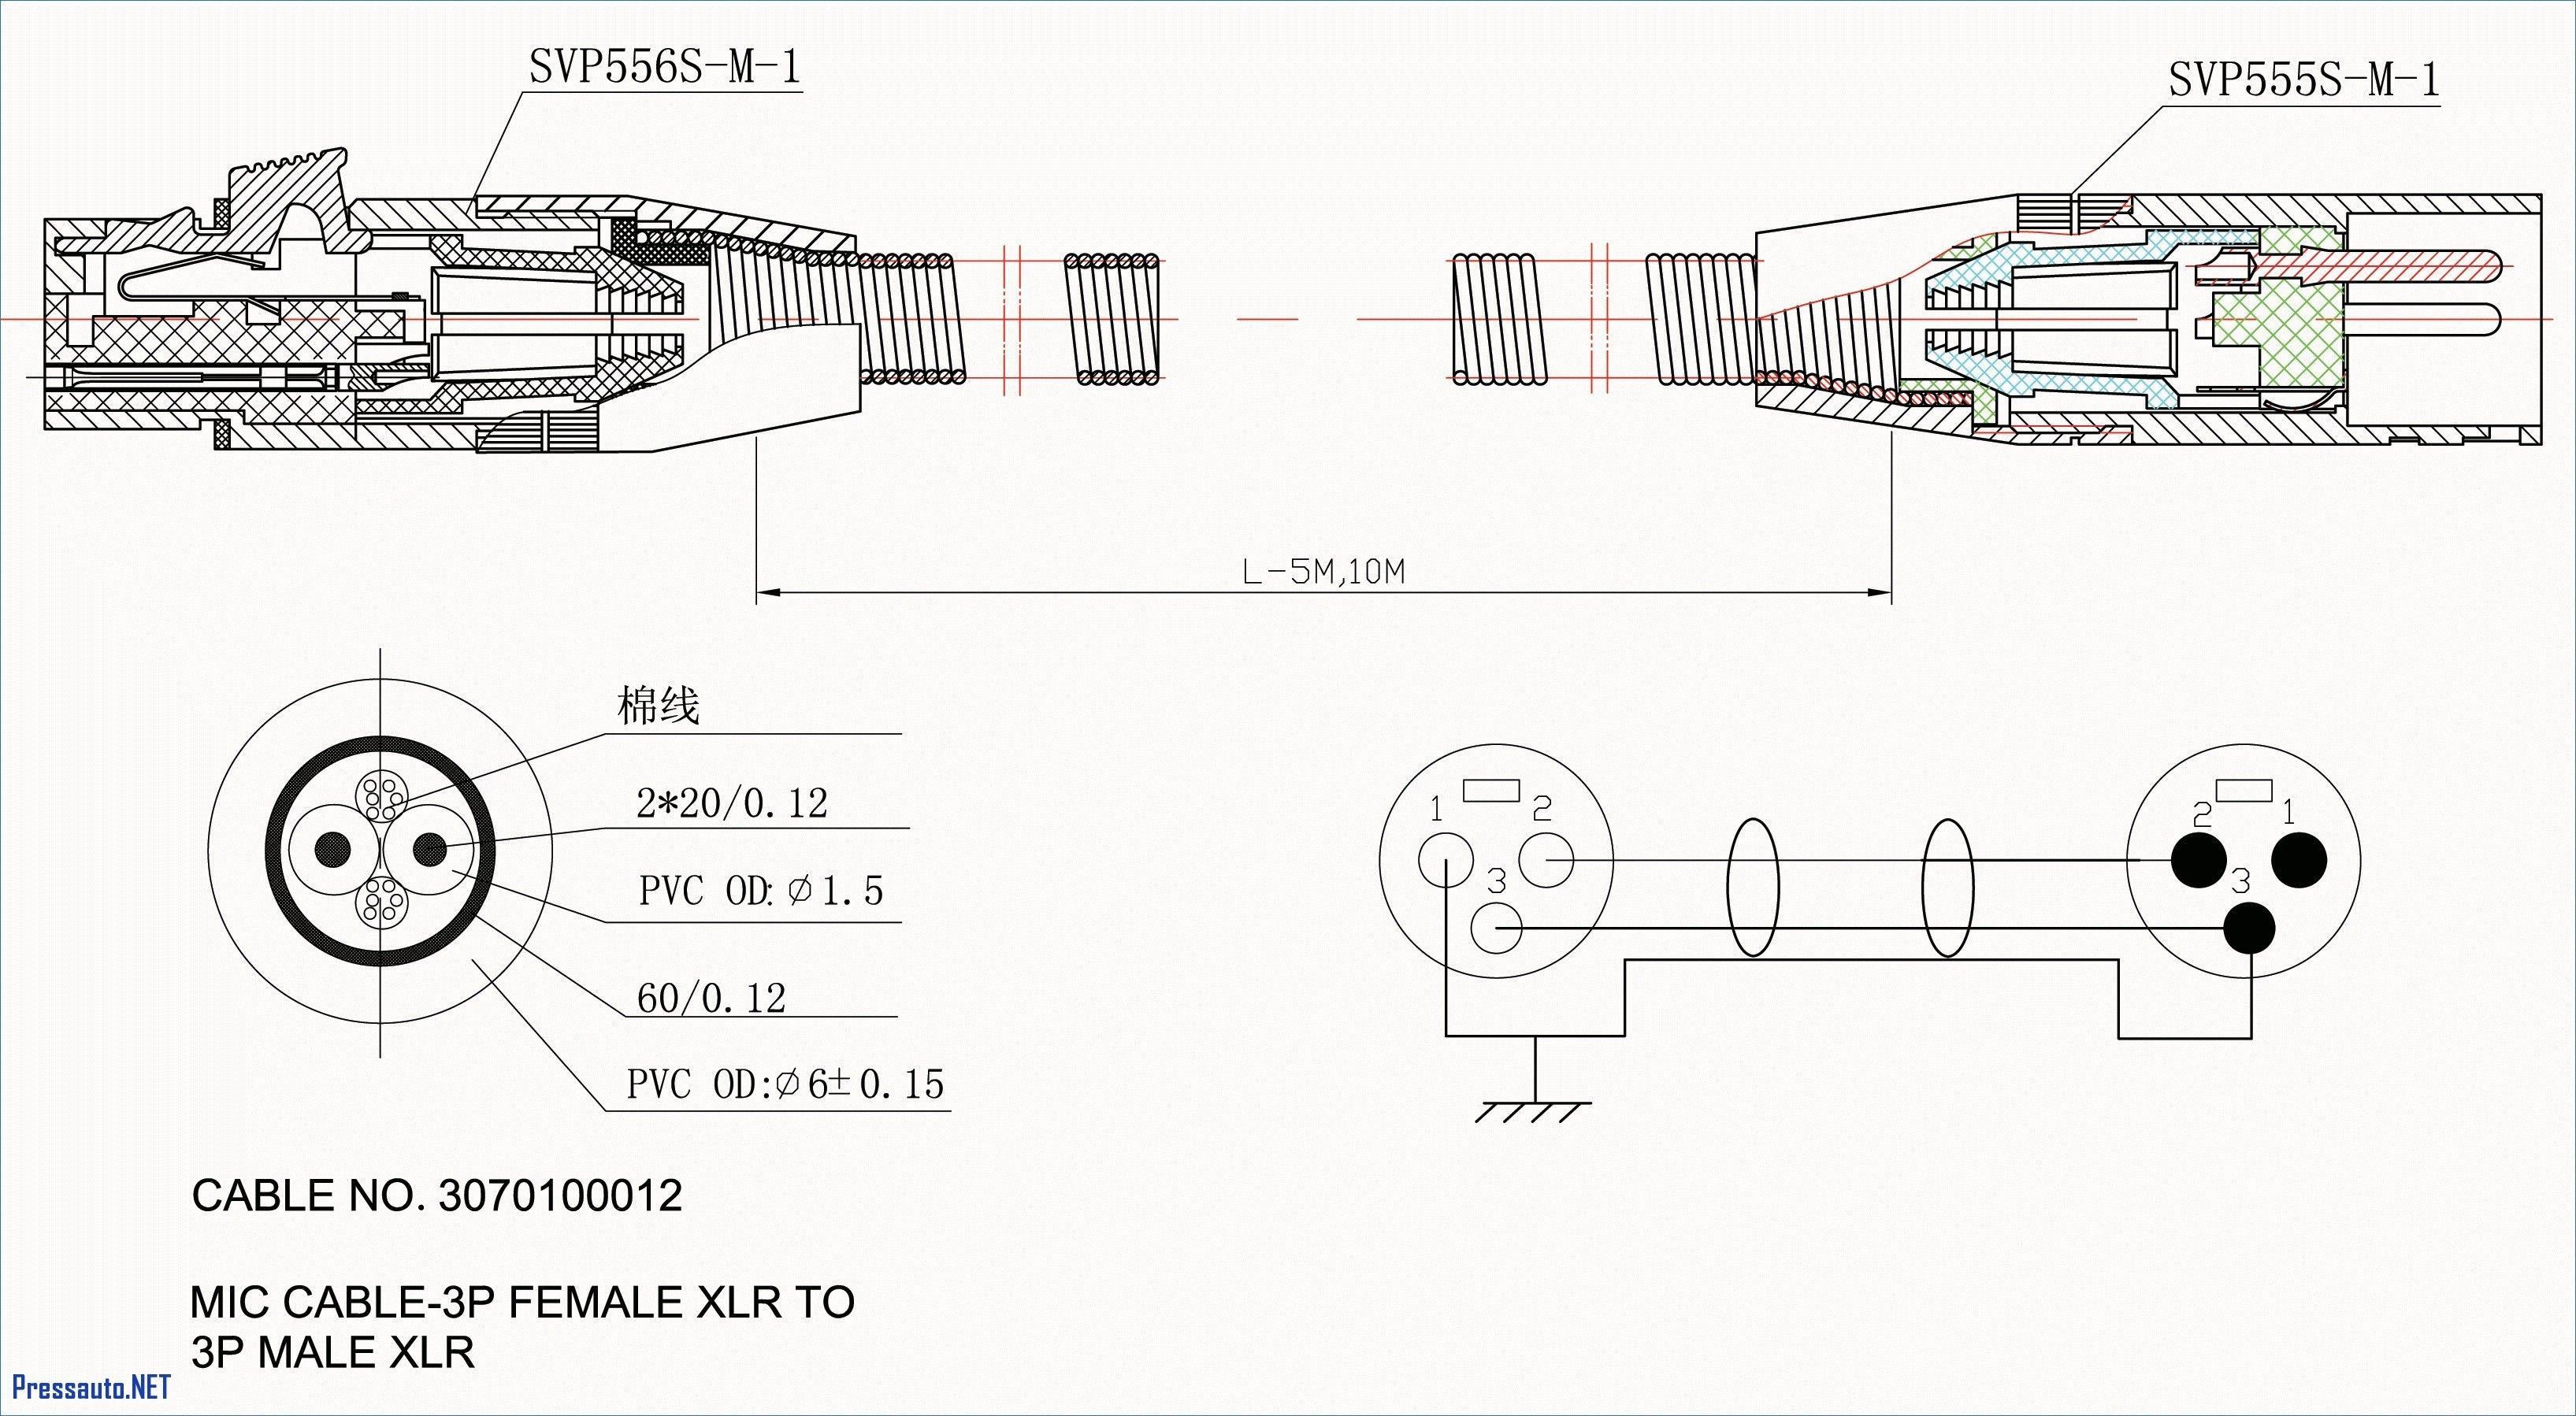 3 Speed Fan Motor Wiring Diagram In 2020 Electrical Wiring Diagram Trailer Light Wiring Diagram